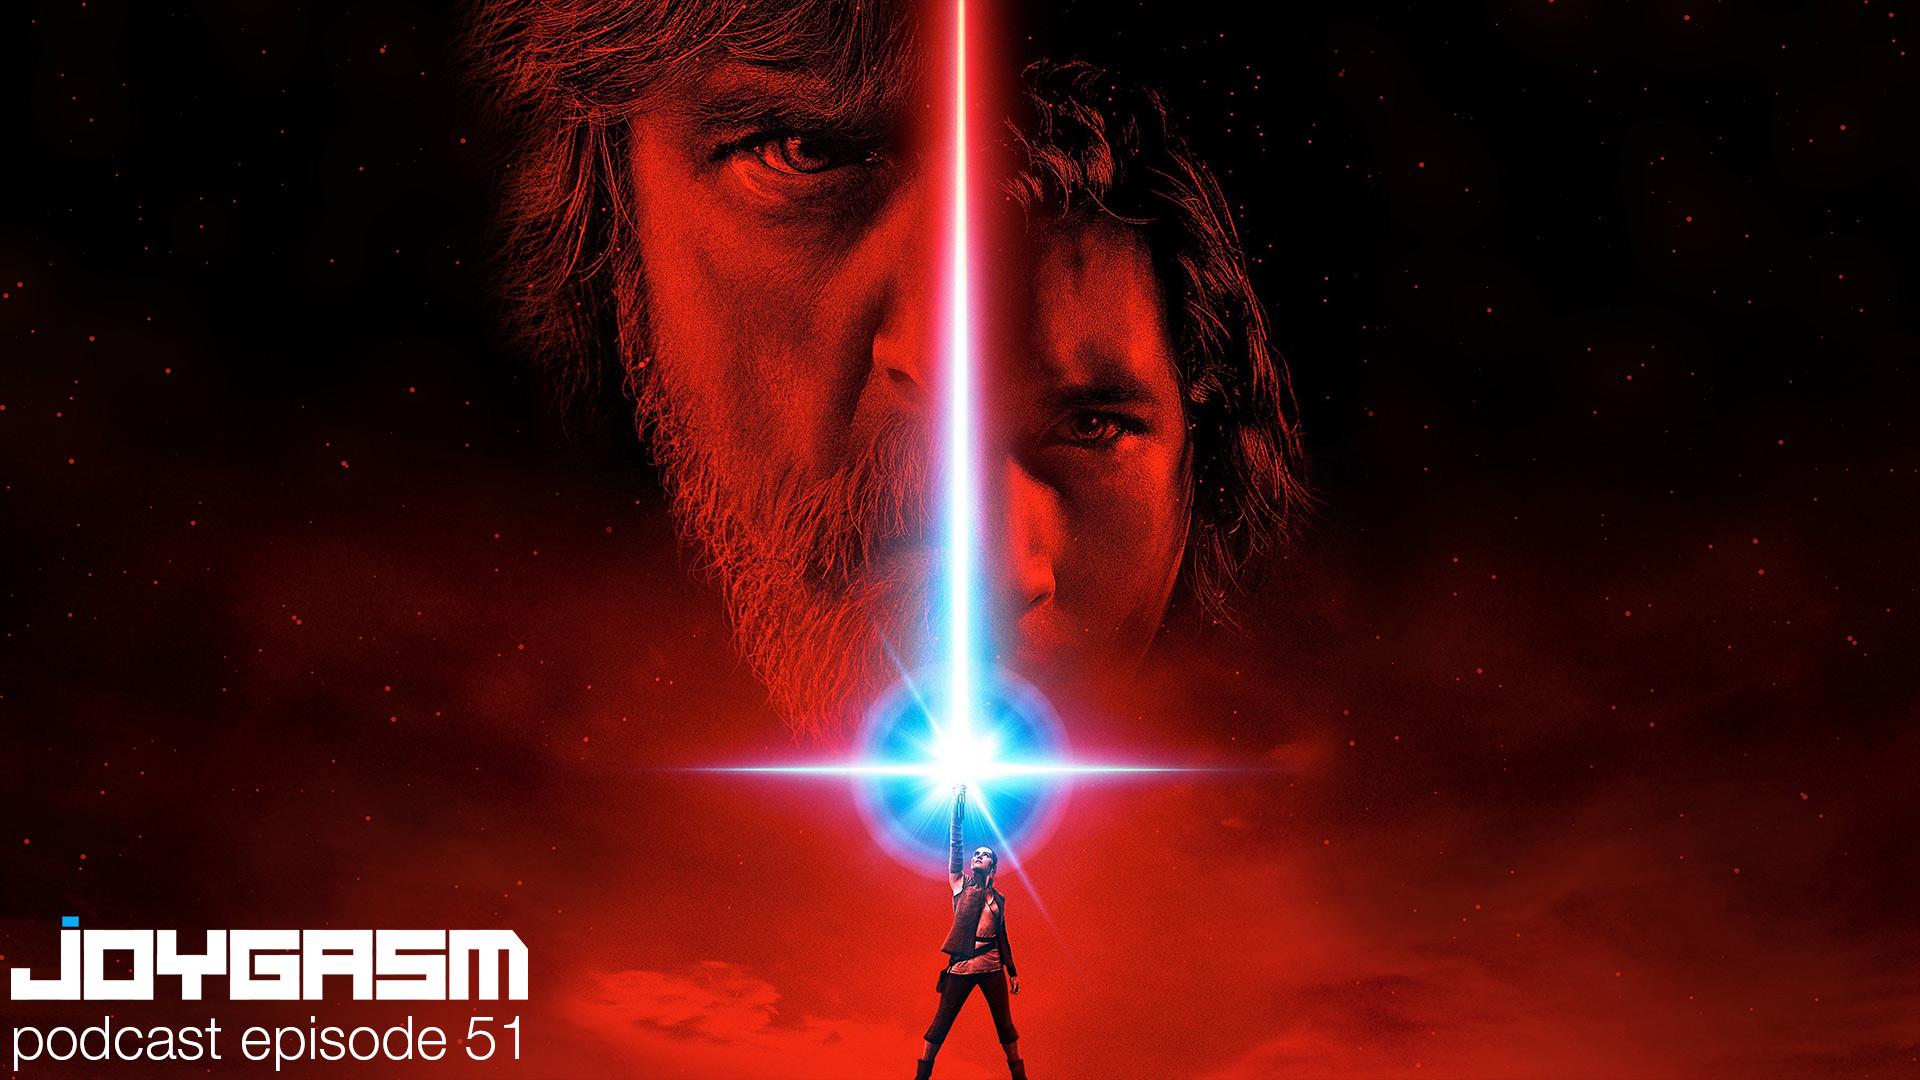 Joygasm Podcast Ep. 51: Star Wars: The Last Jedi REVIEW